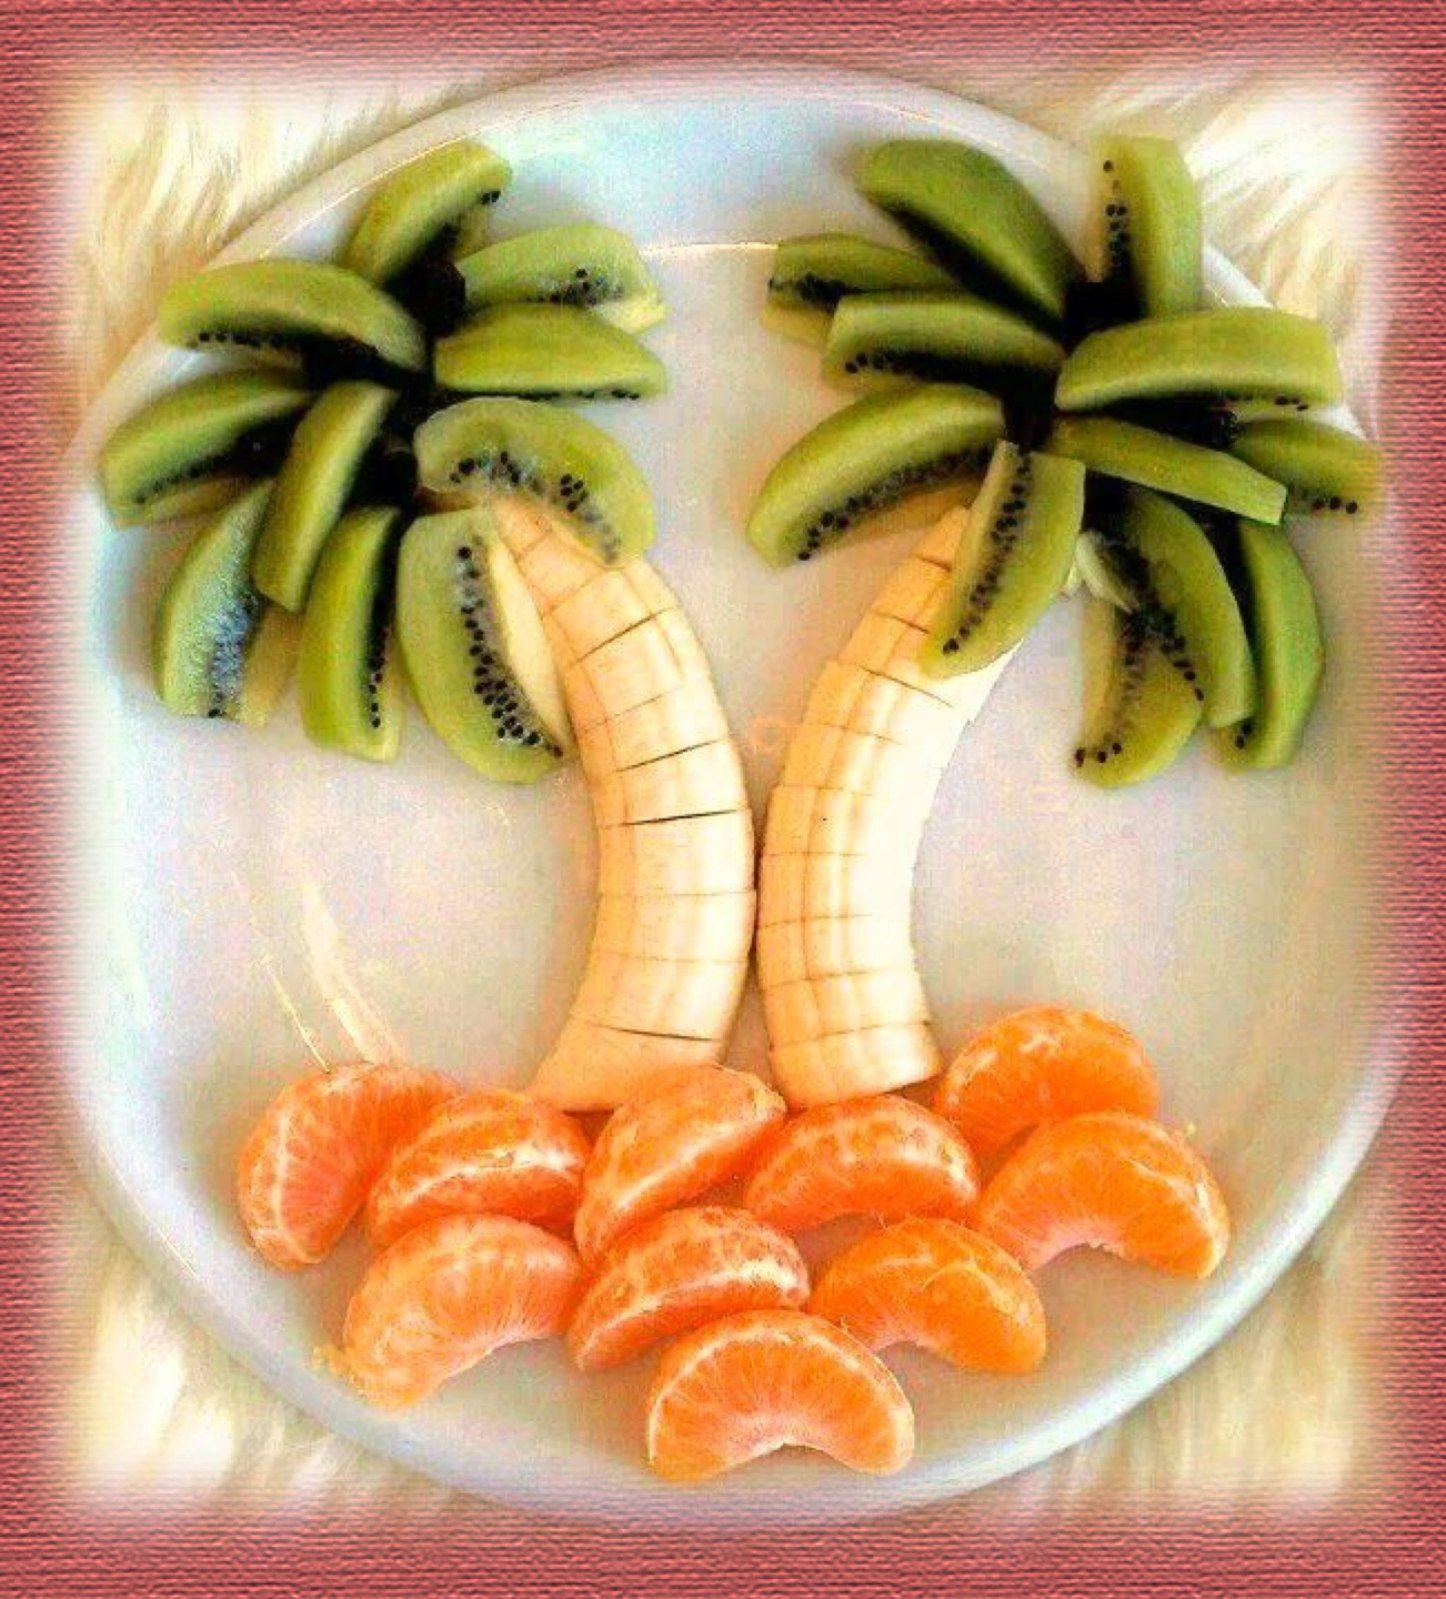 """N7 il cibo nella mia vita ha anche un ruolo di """"rilassamento"""" e """""""